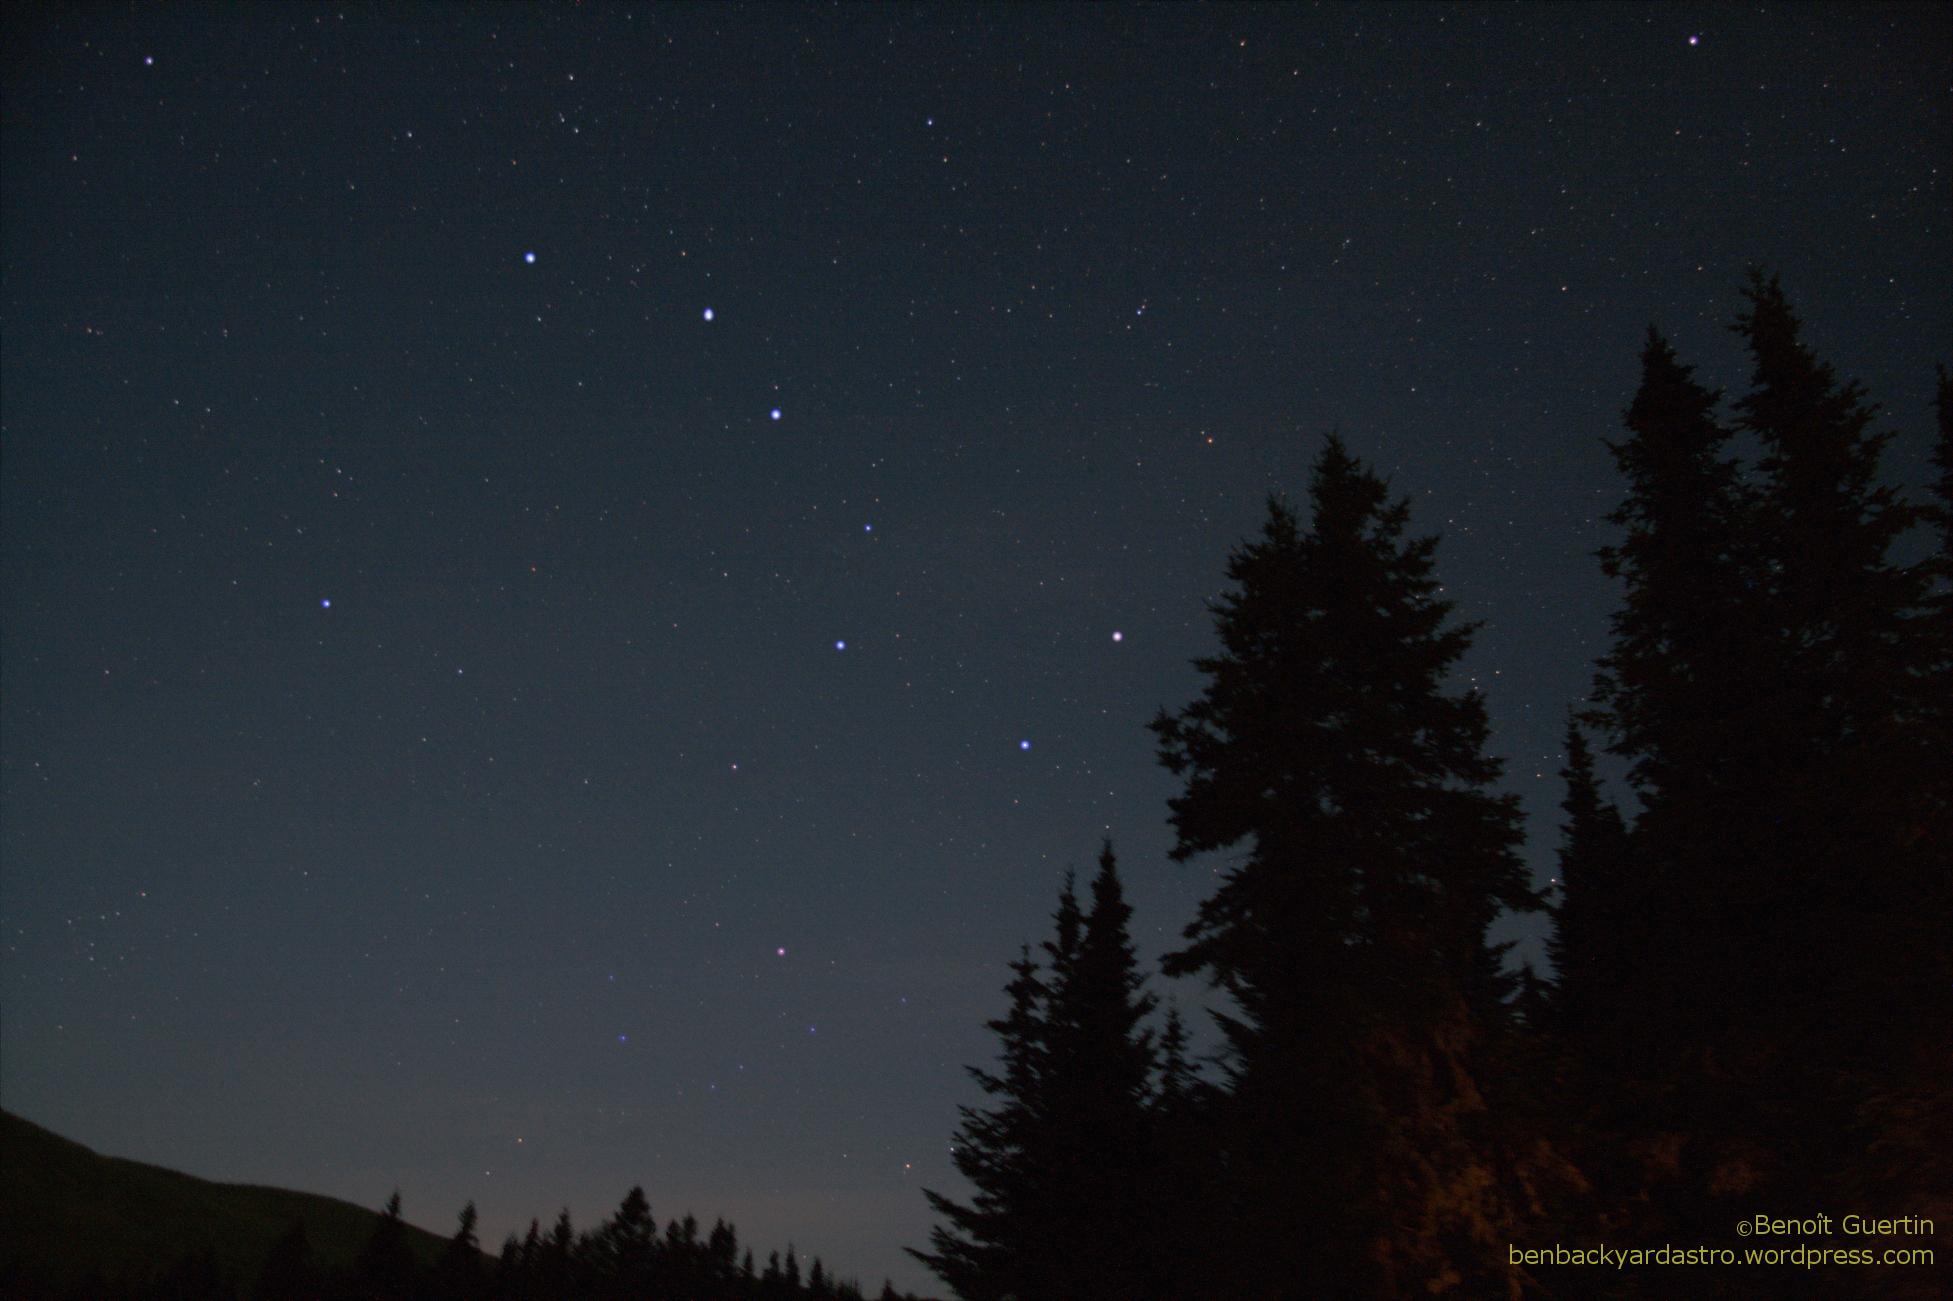 Kết quả hình ảnh cho Ursa Major in night sky